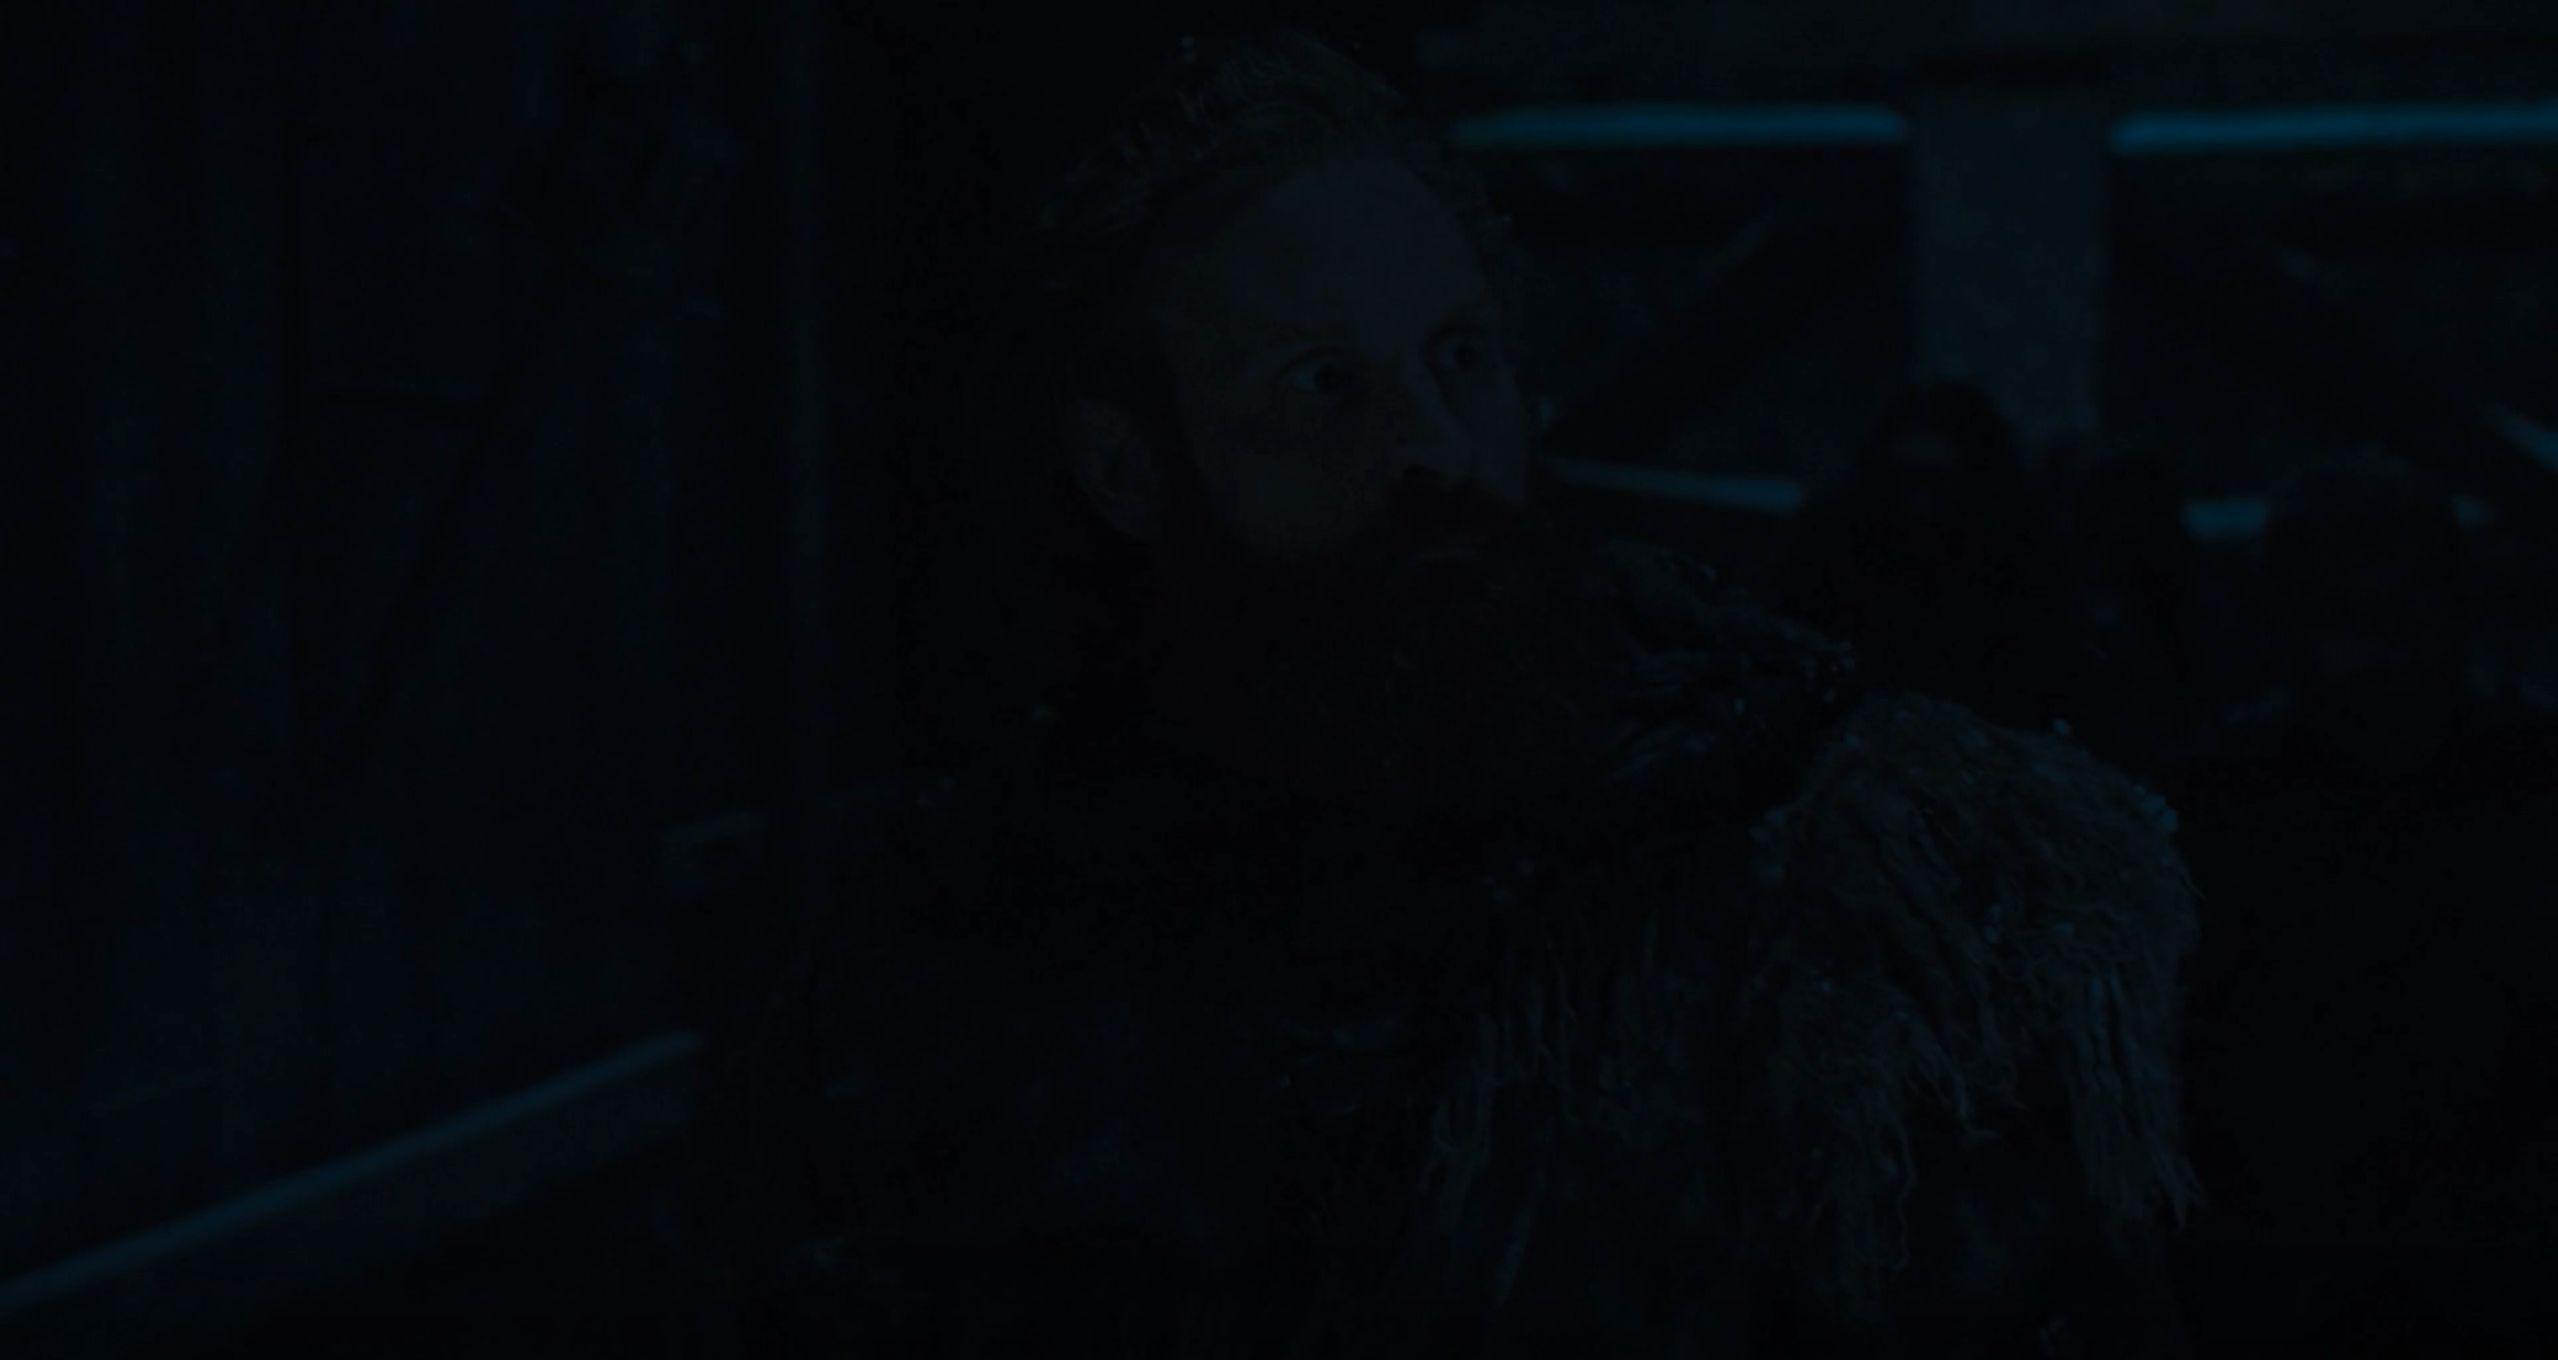 Skjermbilde fra Game of Thrones sesong 8, episode 1, som sett i Google Chrome. Ikke lett å se hva eller hvem som er på bildet, selv ikke på en stor TV med masse lys.